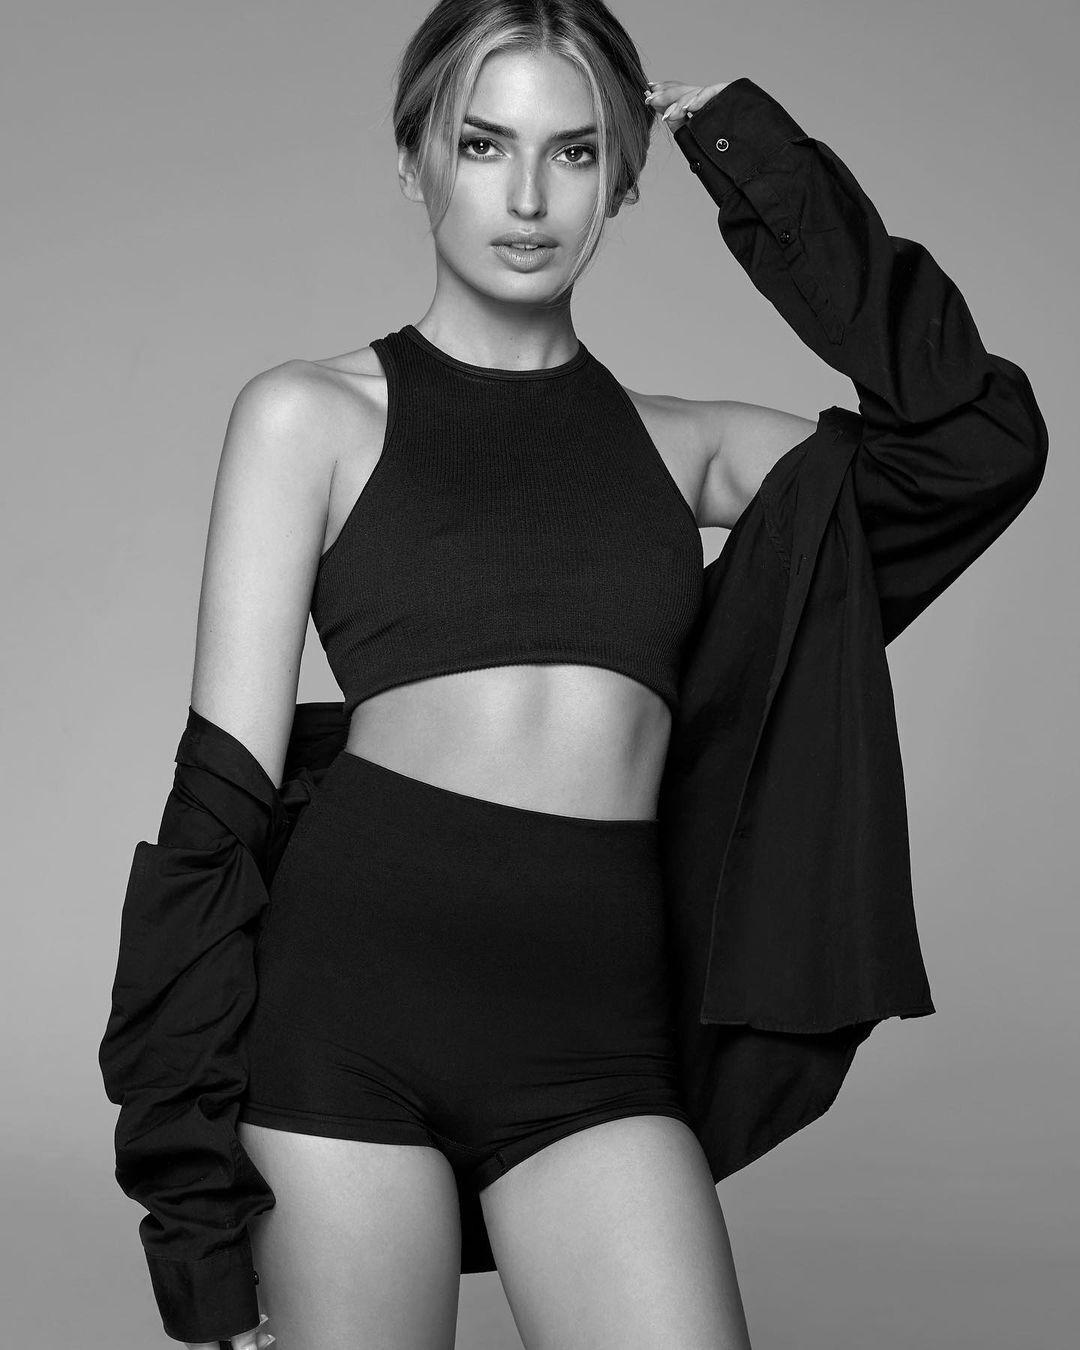 Саша Эттвуд в черно-белом